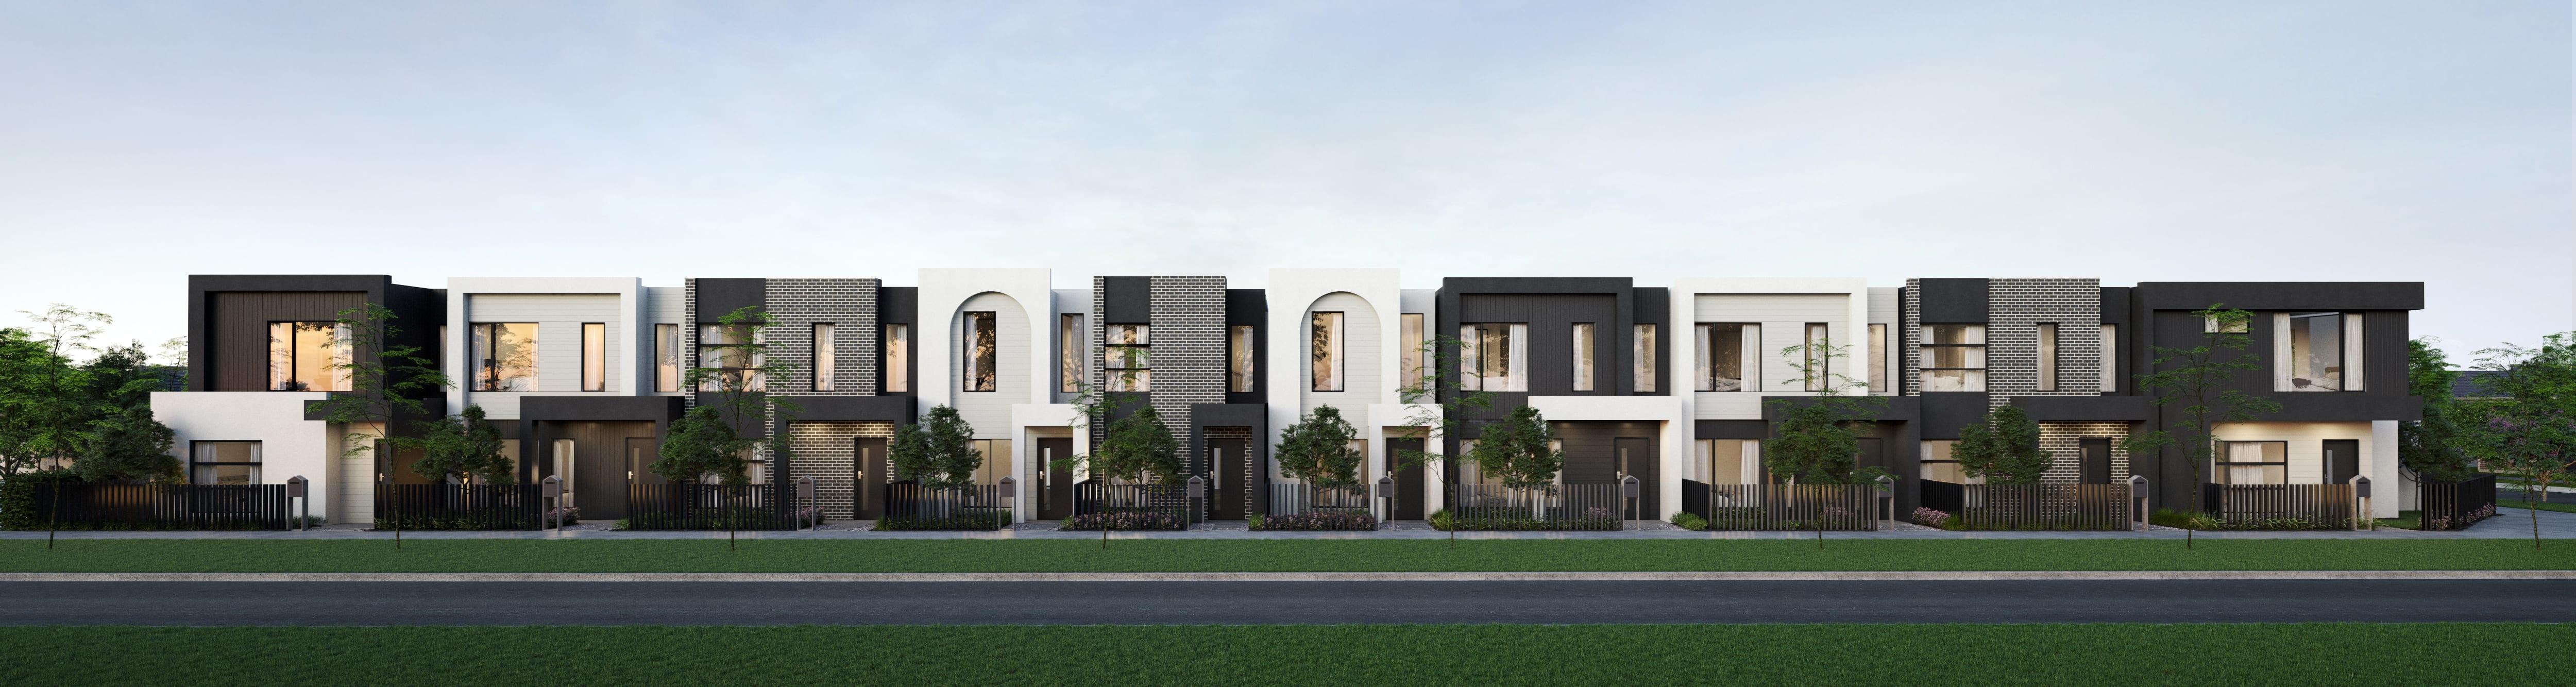 Donnybrook, Kinbrook sees 300 housing lot sales in 2021